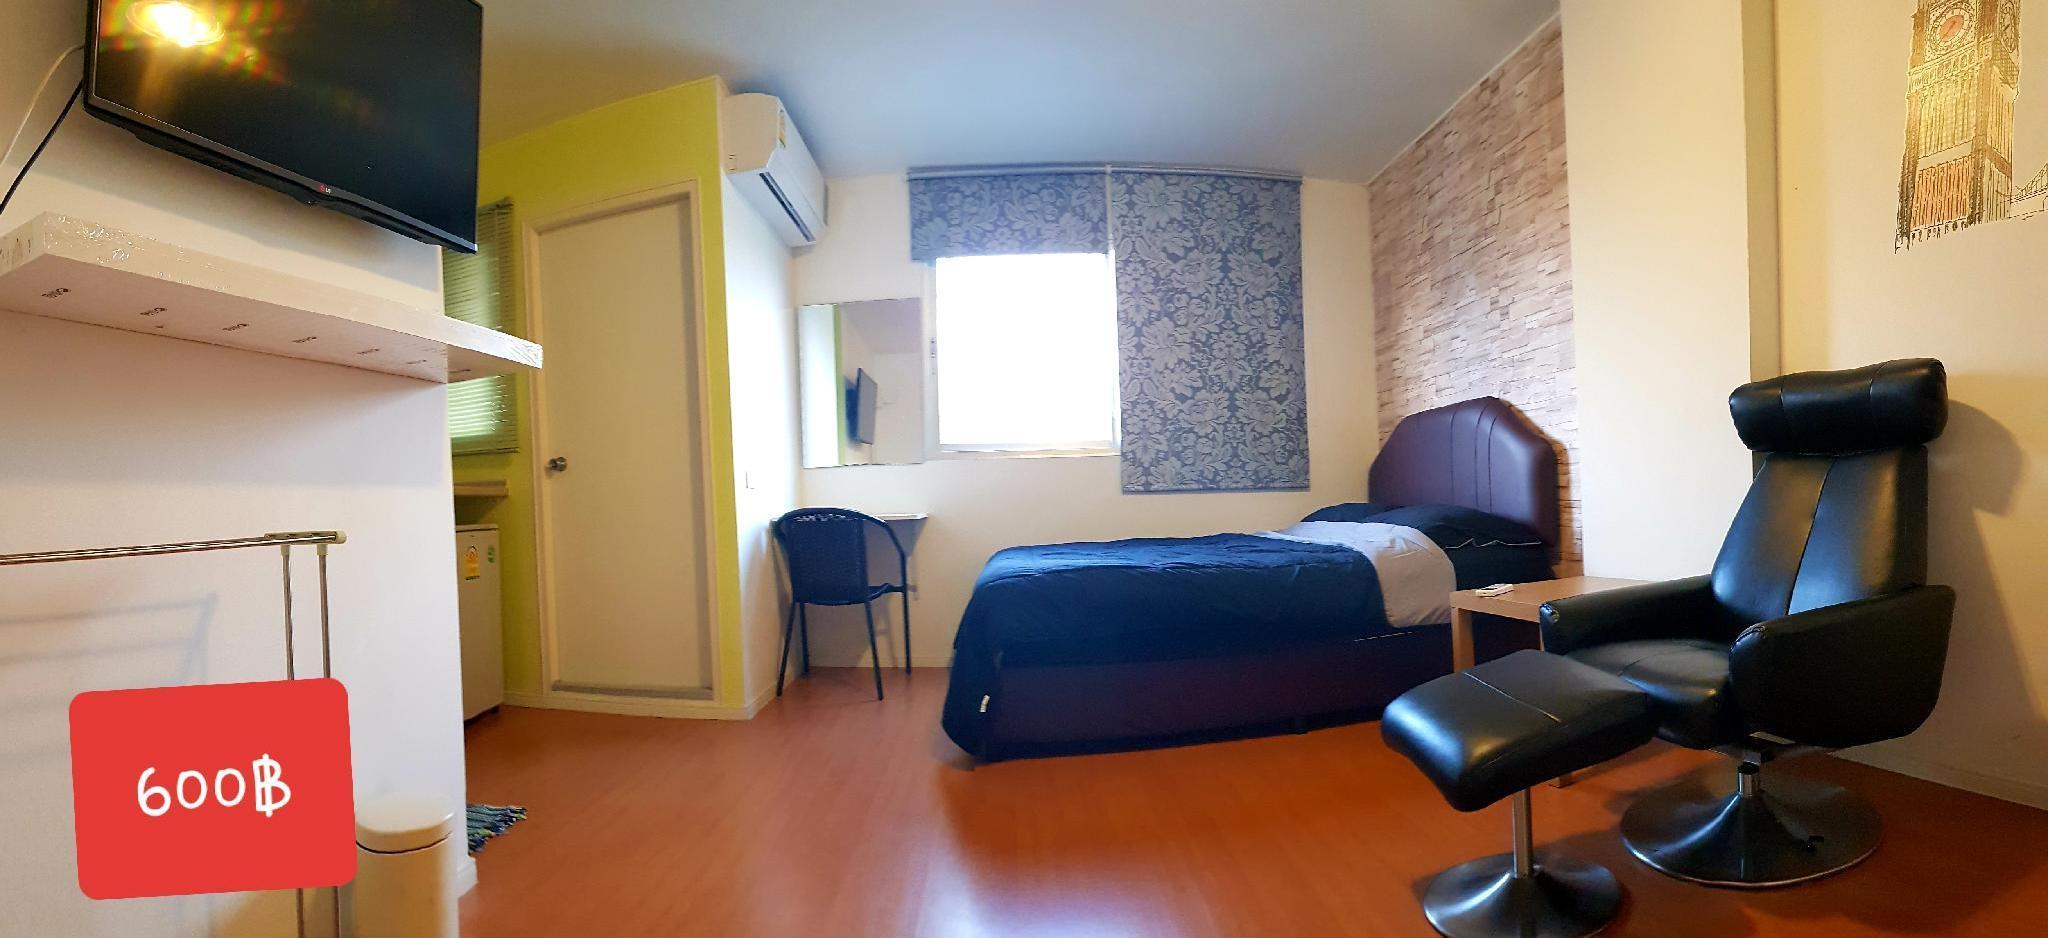 C2 อพาร์ตเมนต์ 1 ห้องนอน 1 ห้องน้ำส่วนตัว ขนาด 28 ตร.ม. – ตัวเมืองชลบุรี